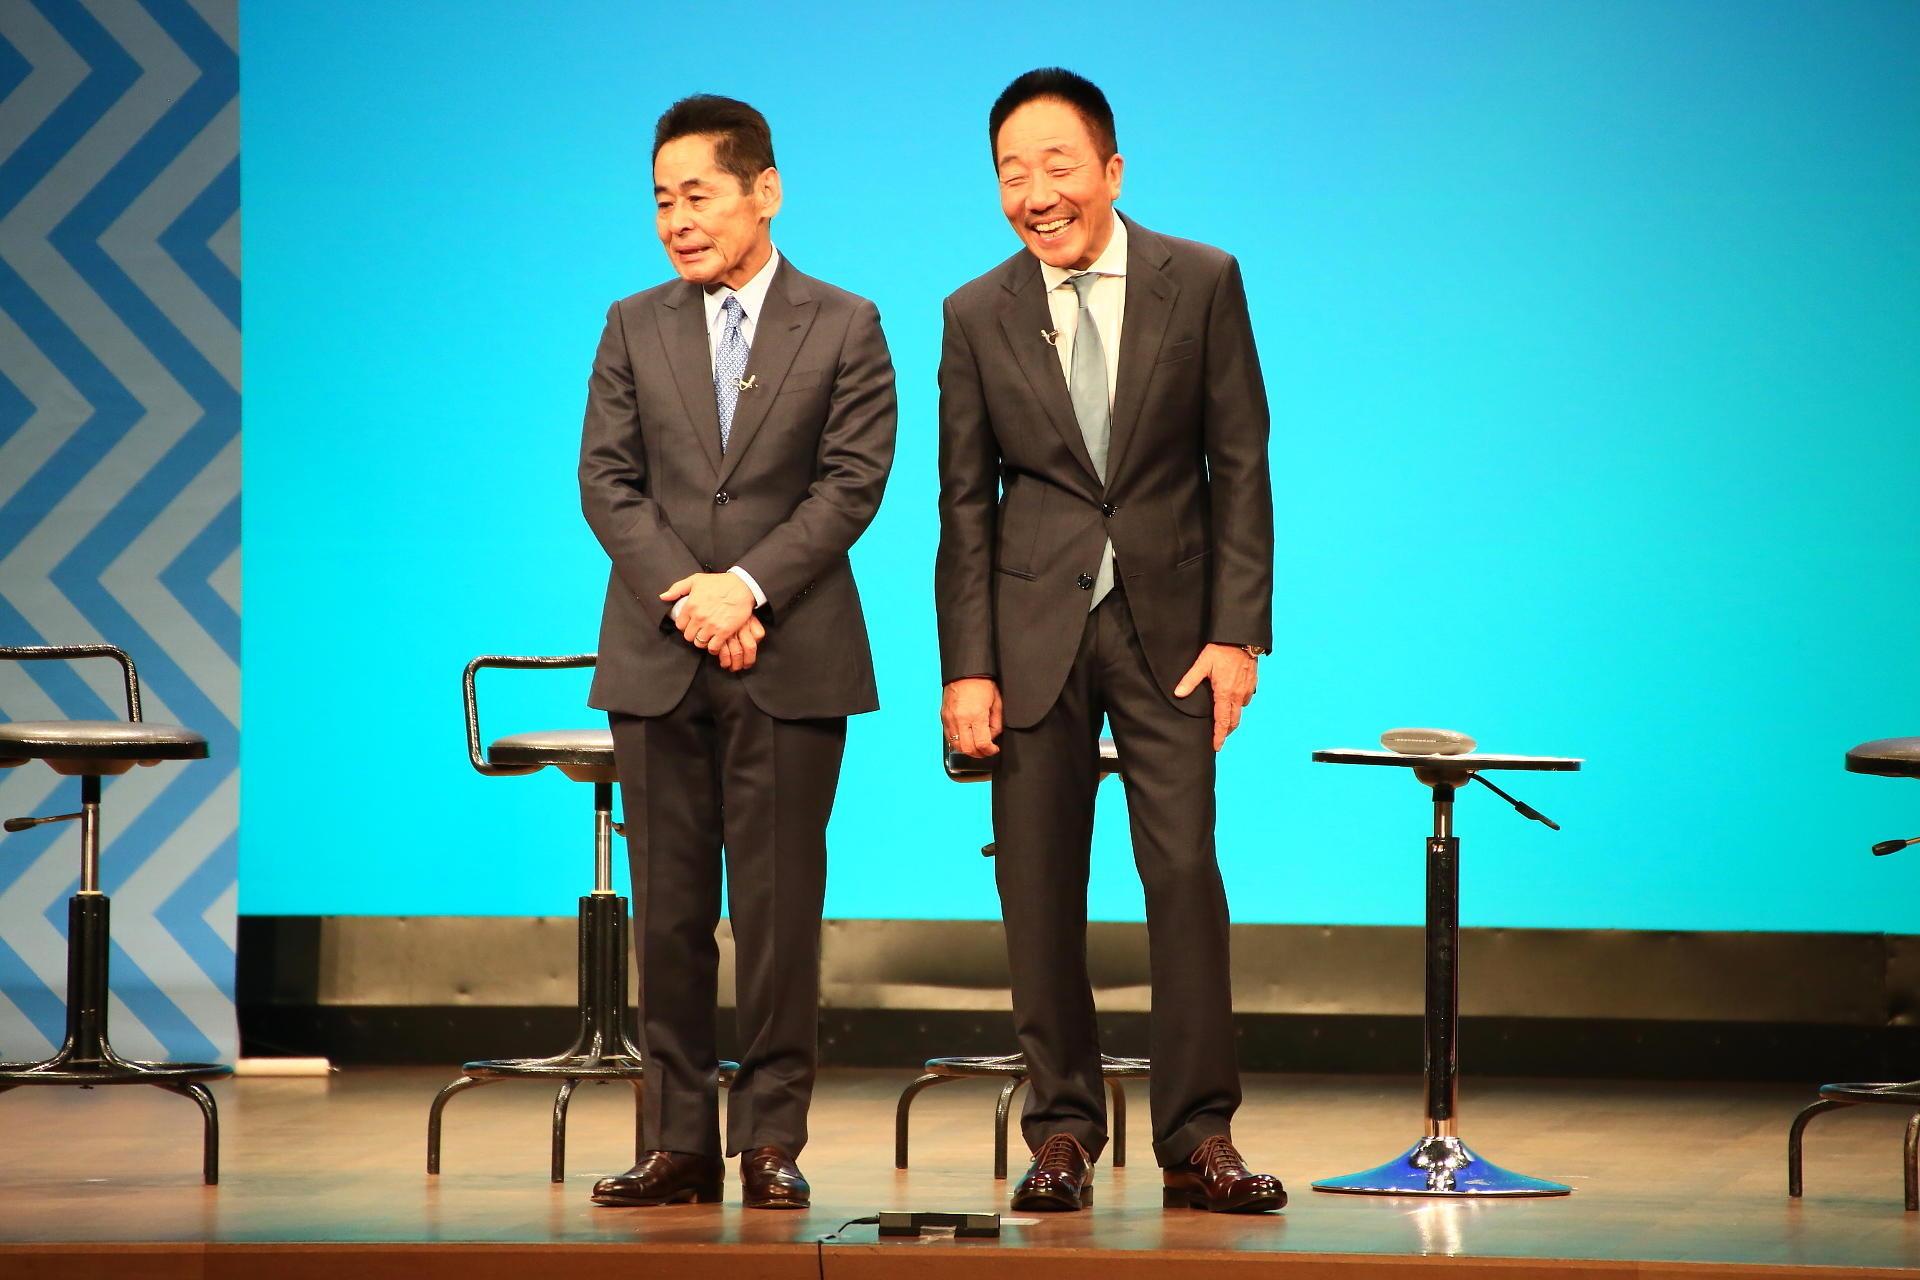 http://news.yoshimoto.co.jp/20171112095059-e9686334678b51ee5750a7dceb5cb4b6ce3001a9.jpg